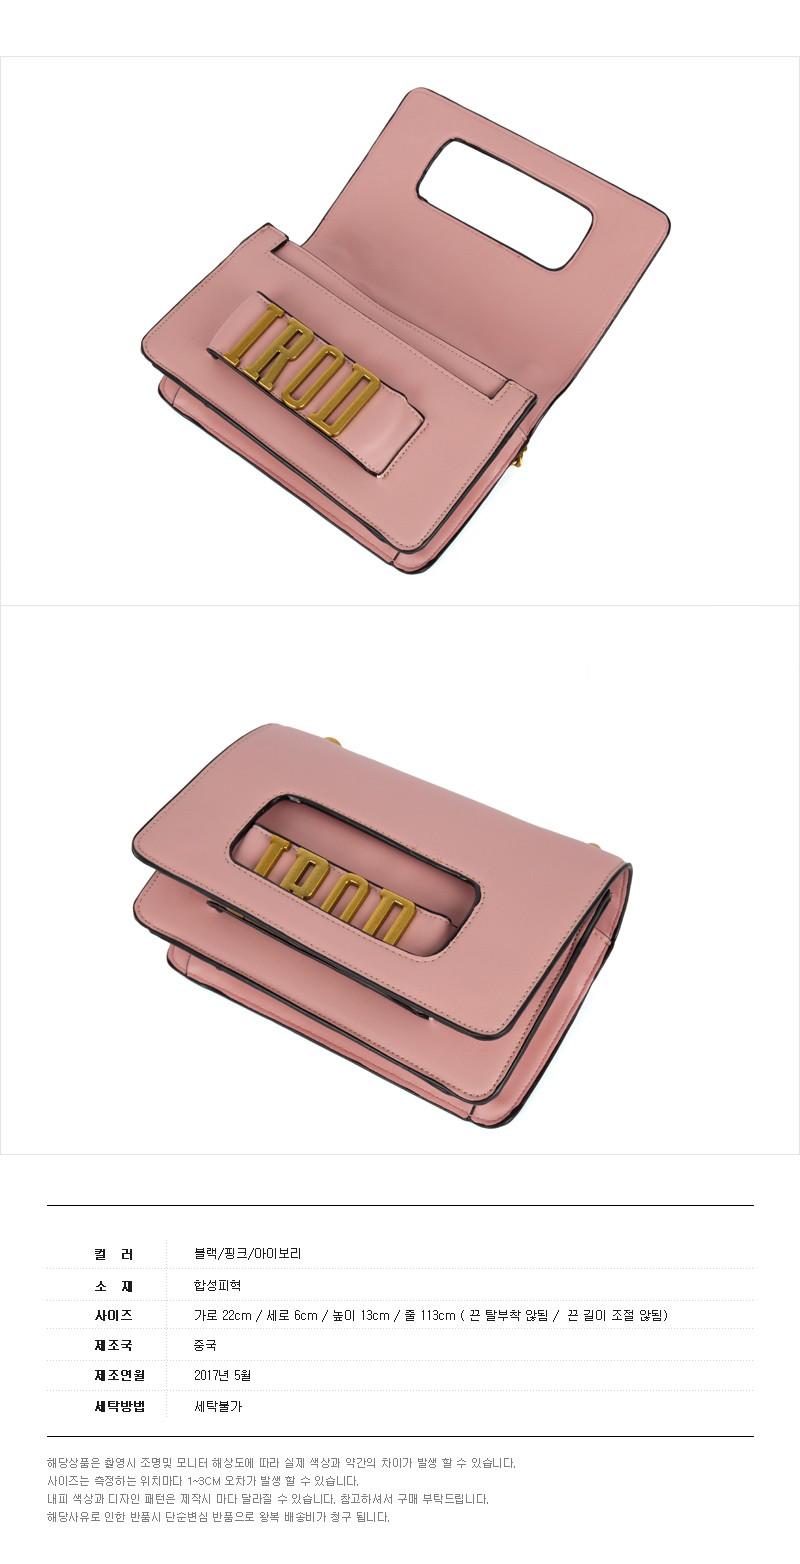 원가 2만원대 가방 원가 이하로 판매합니다 오프라인 판매 5-6만원퀄리티입니다.